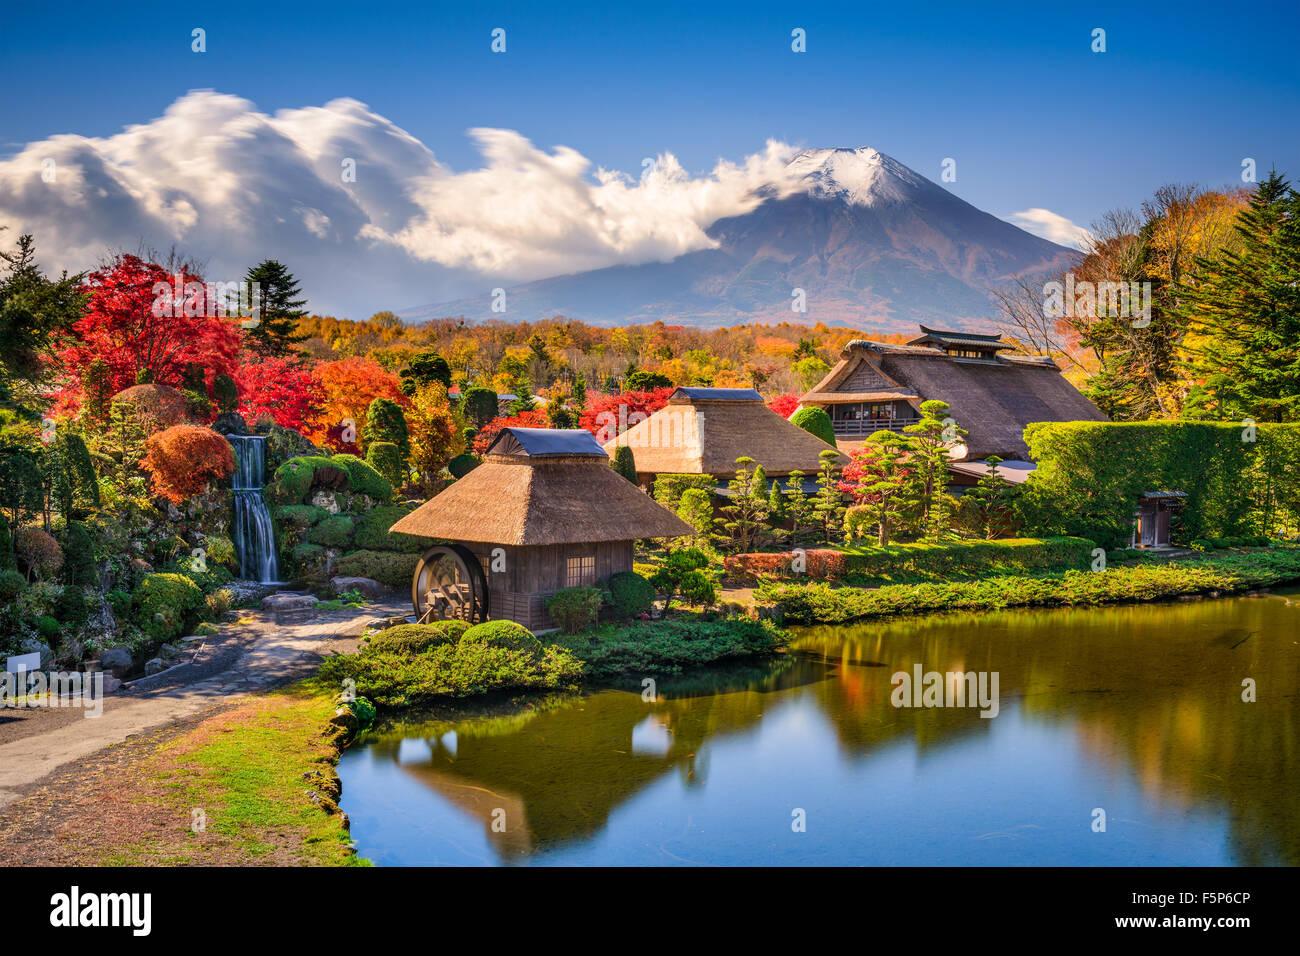 Oshino, Giappone storiche case di paglia con Mt. Fuji in background. Immagini Stock